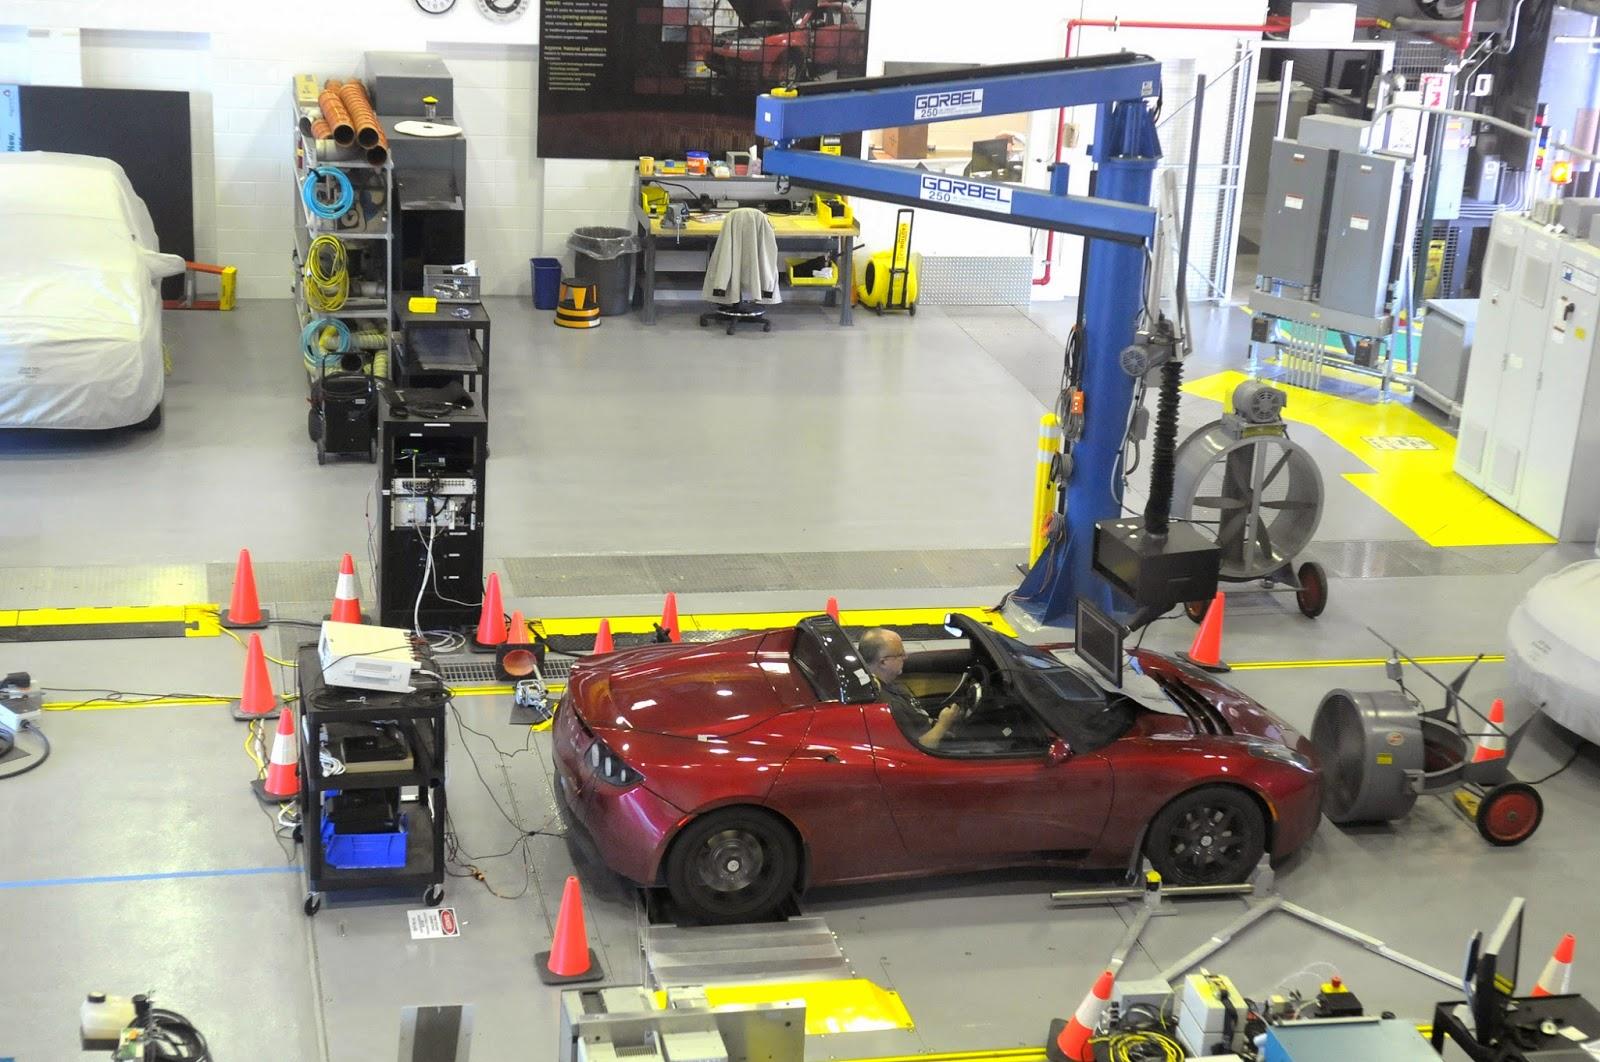 Coches Electricos Motor Vehiculo Electrico Conversiones Empresa De Carros Electricos Los